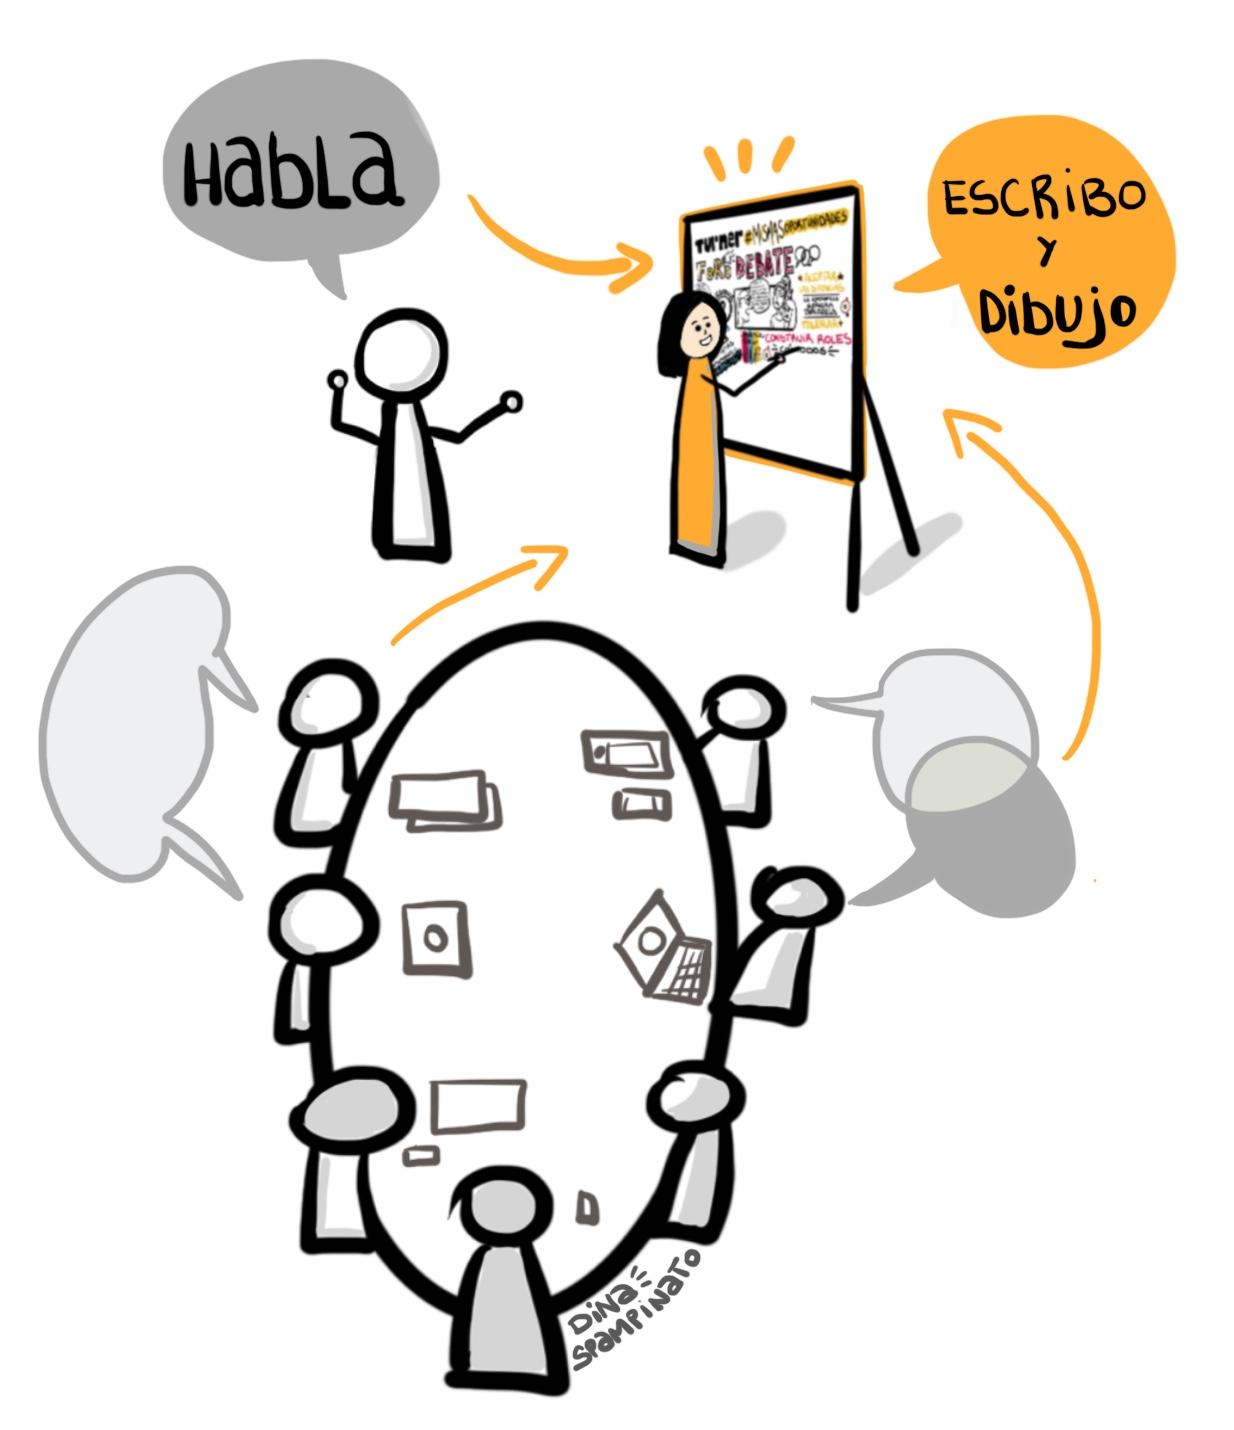 Facilitación Gráfica. Es una forma de apoyar cualquier tipo de proceso de aprendizaje o trabajo grupal o individual mediante el uso de herramientas visuales.